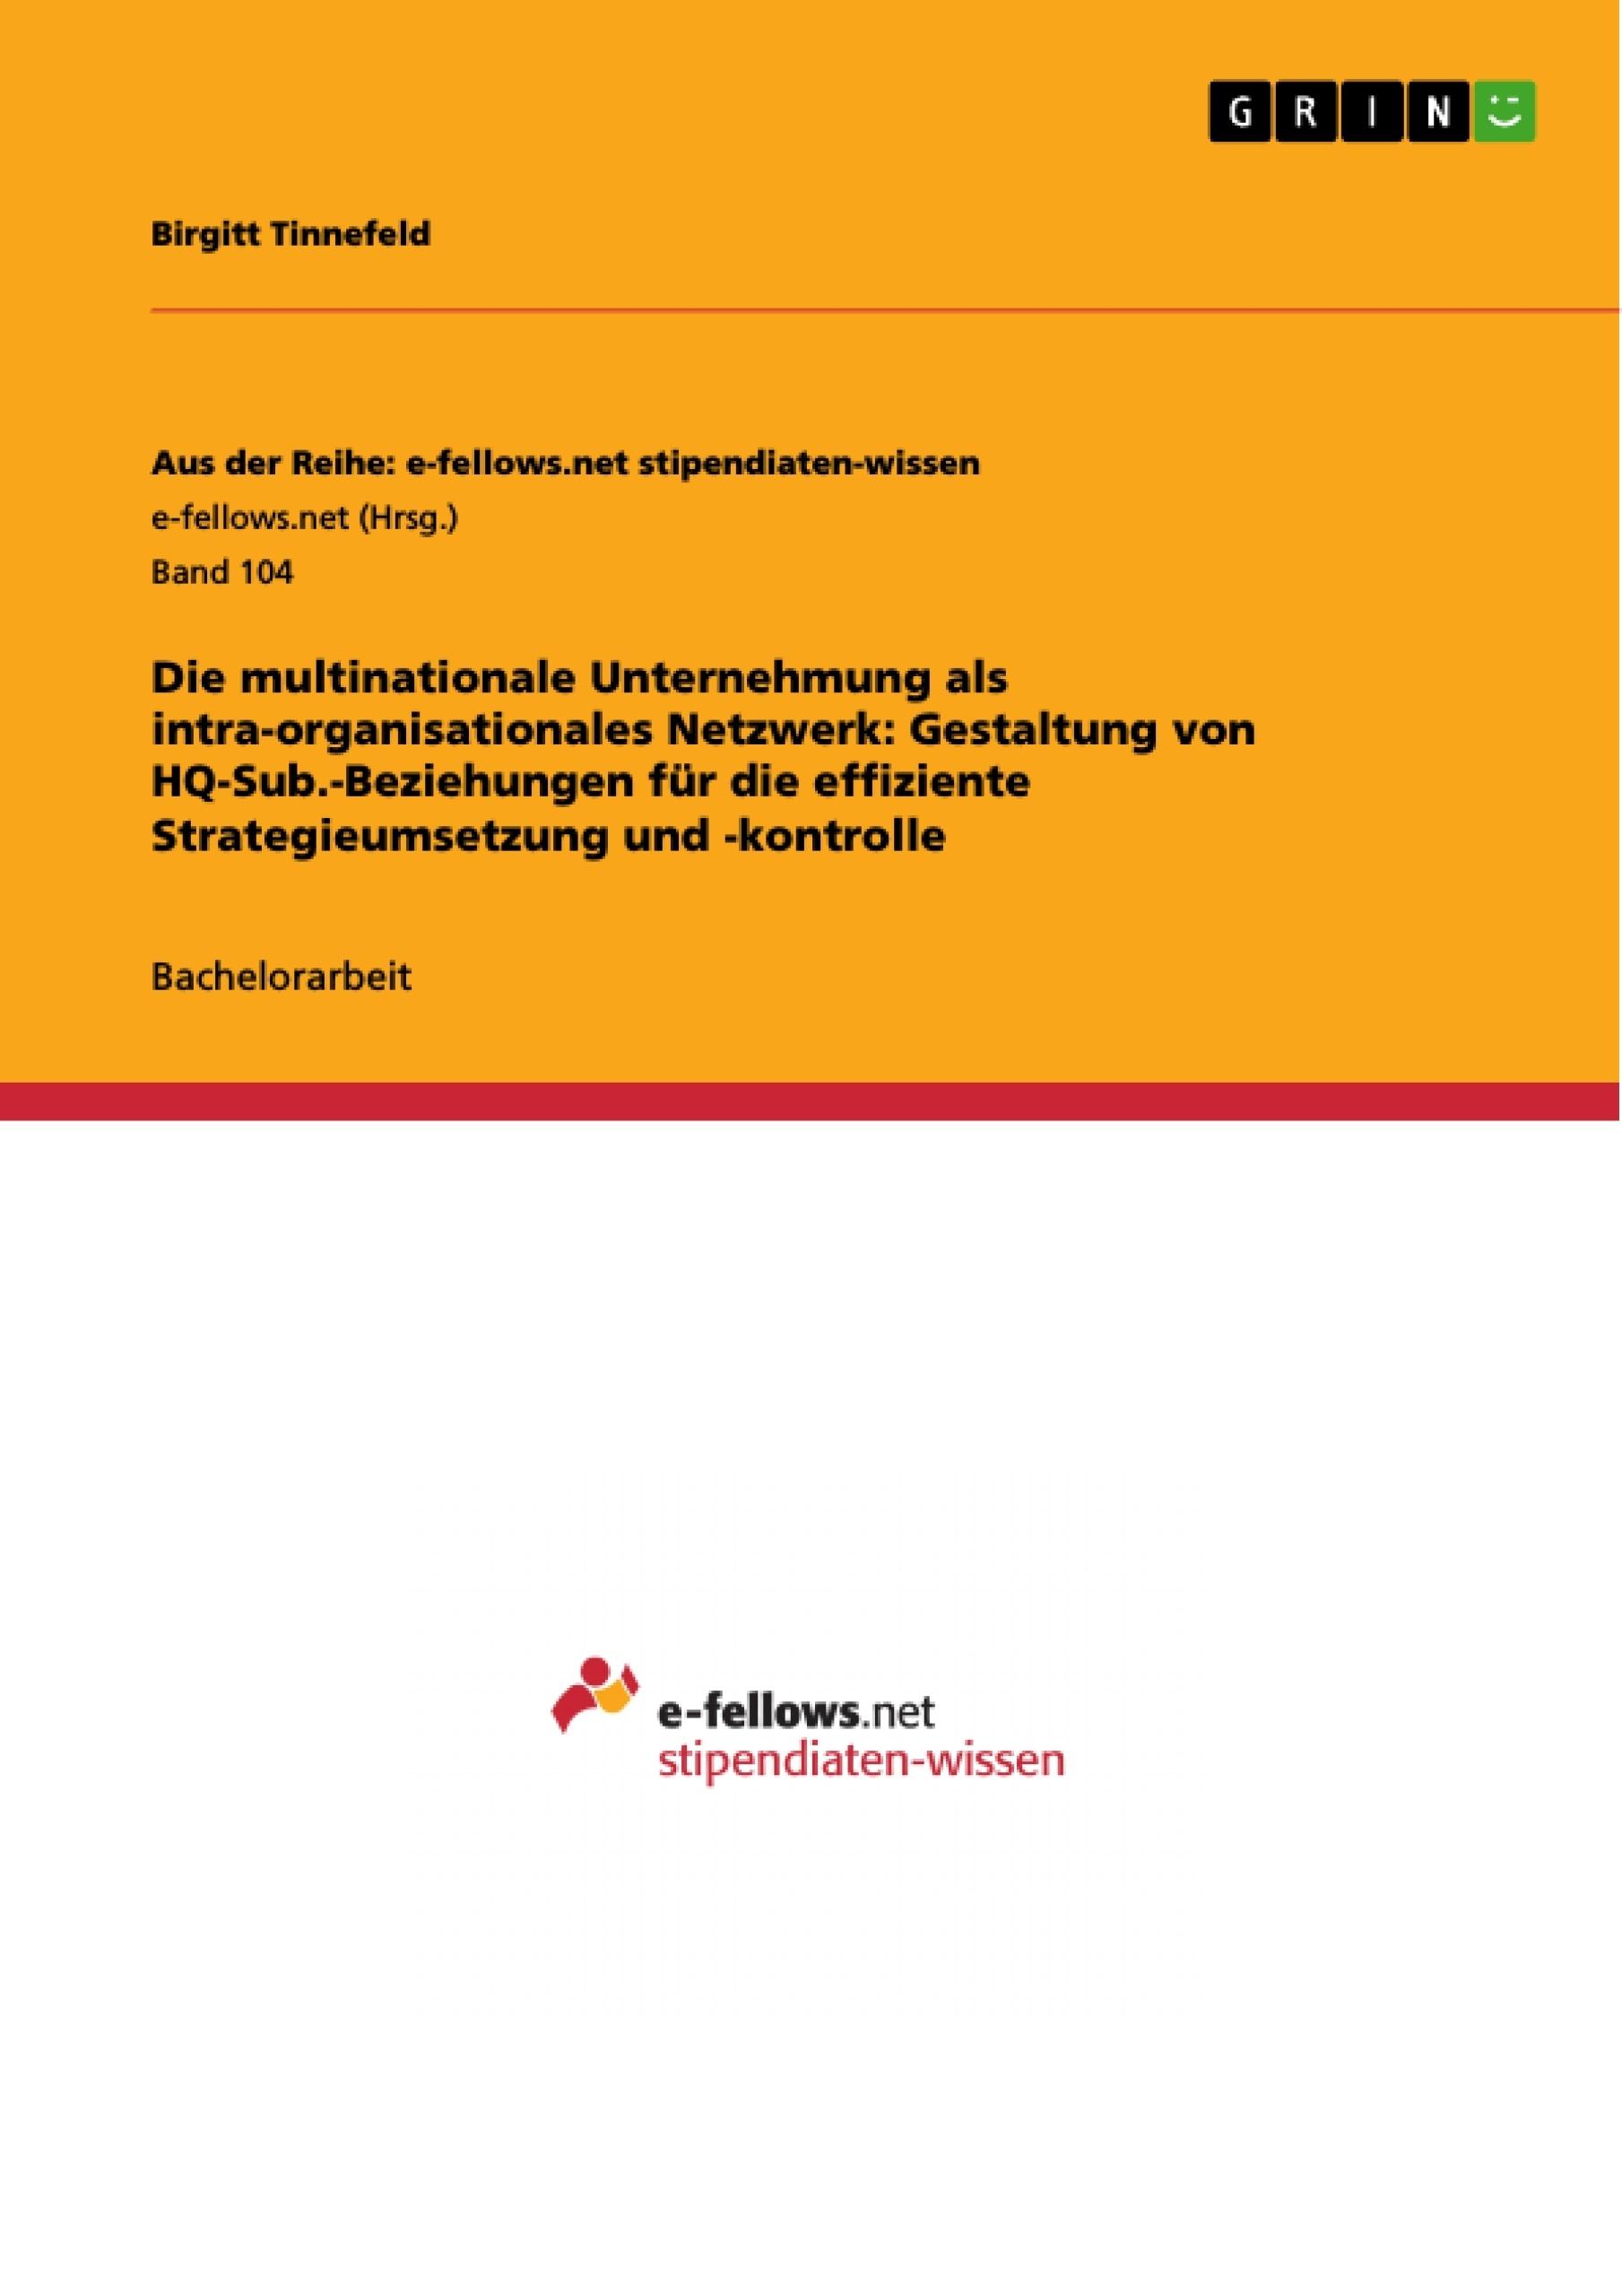 Titel: Die multinationale Unternehmung als intra-organisationales Netzwerk: Gestaltung von HQ-Sub.-Beziehungen für die effiziente Strategieumsetzung und -kontrolle